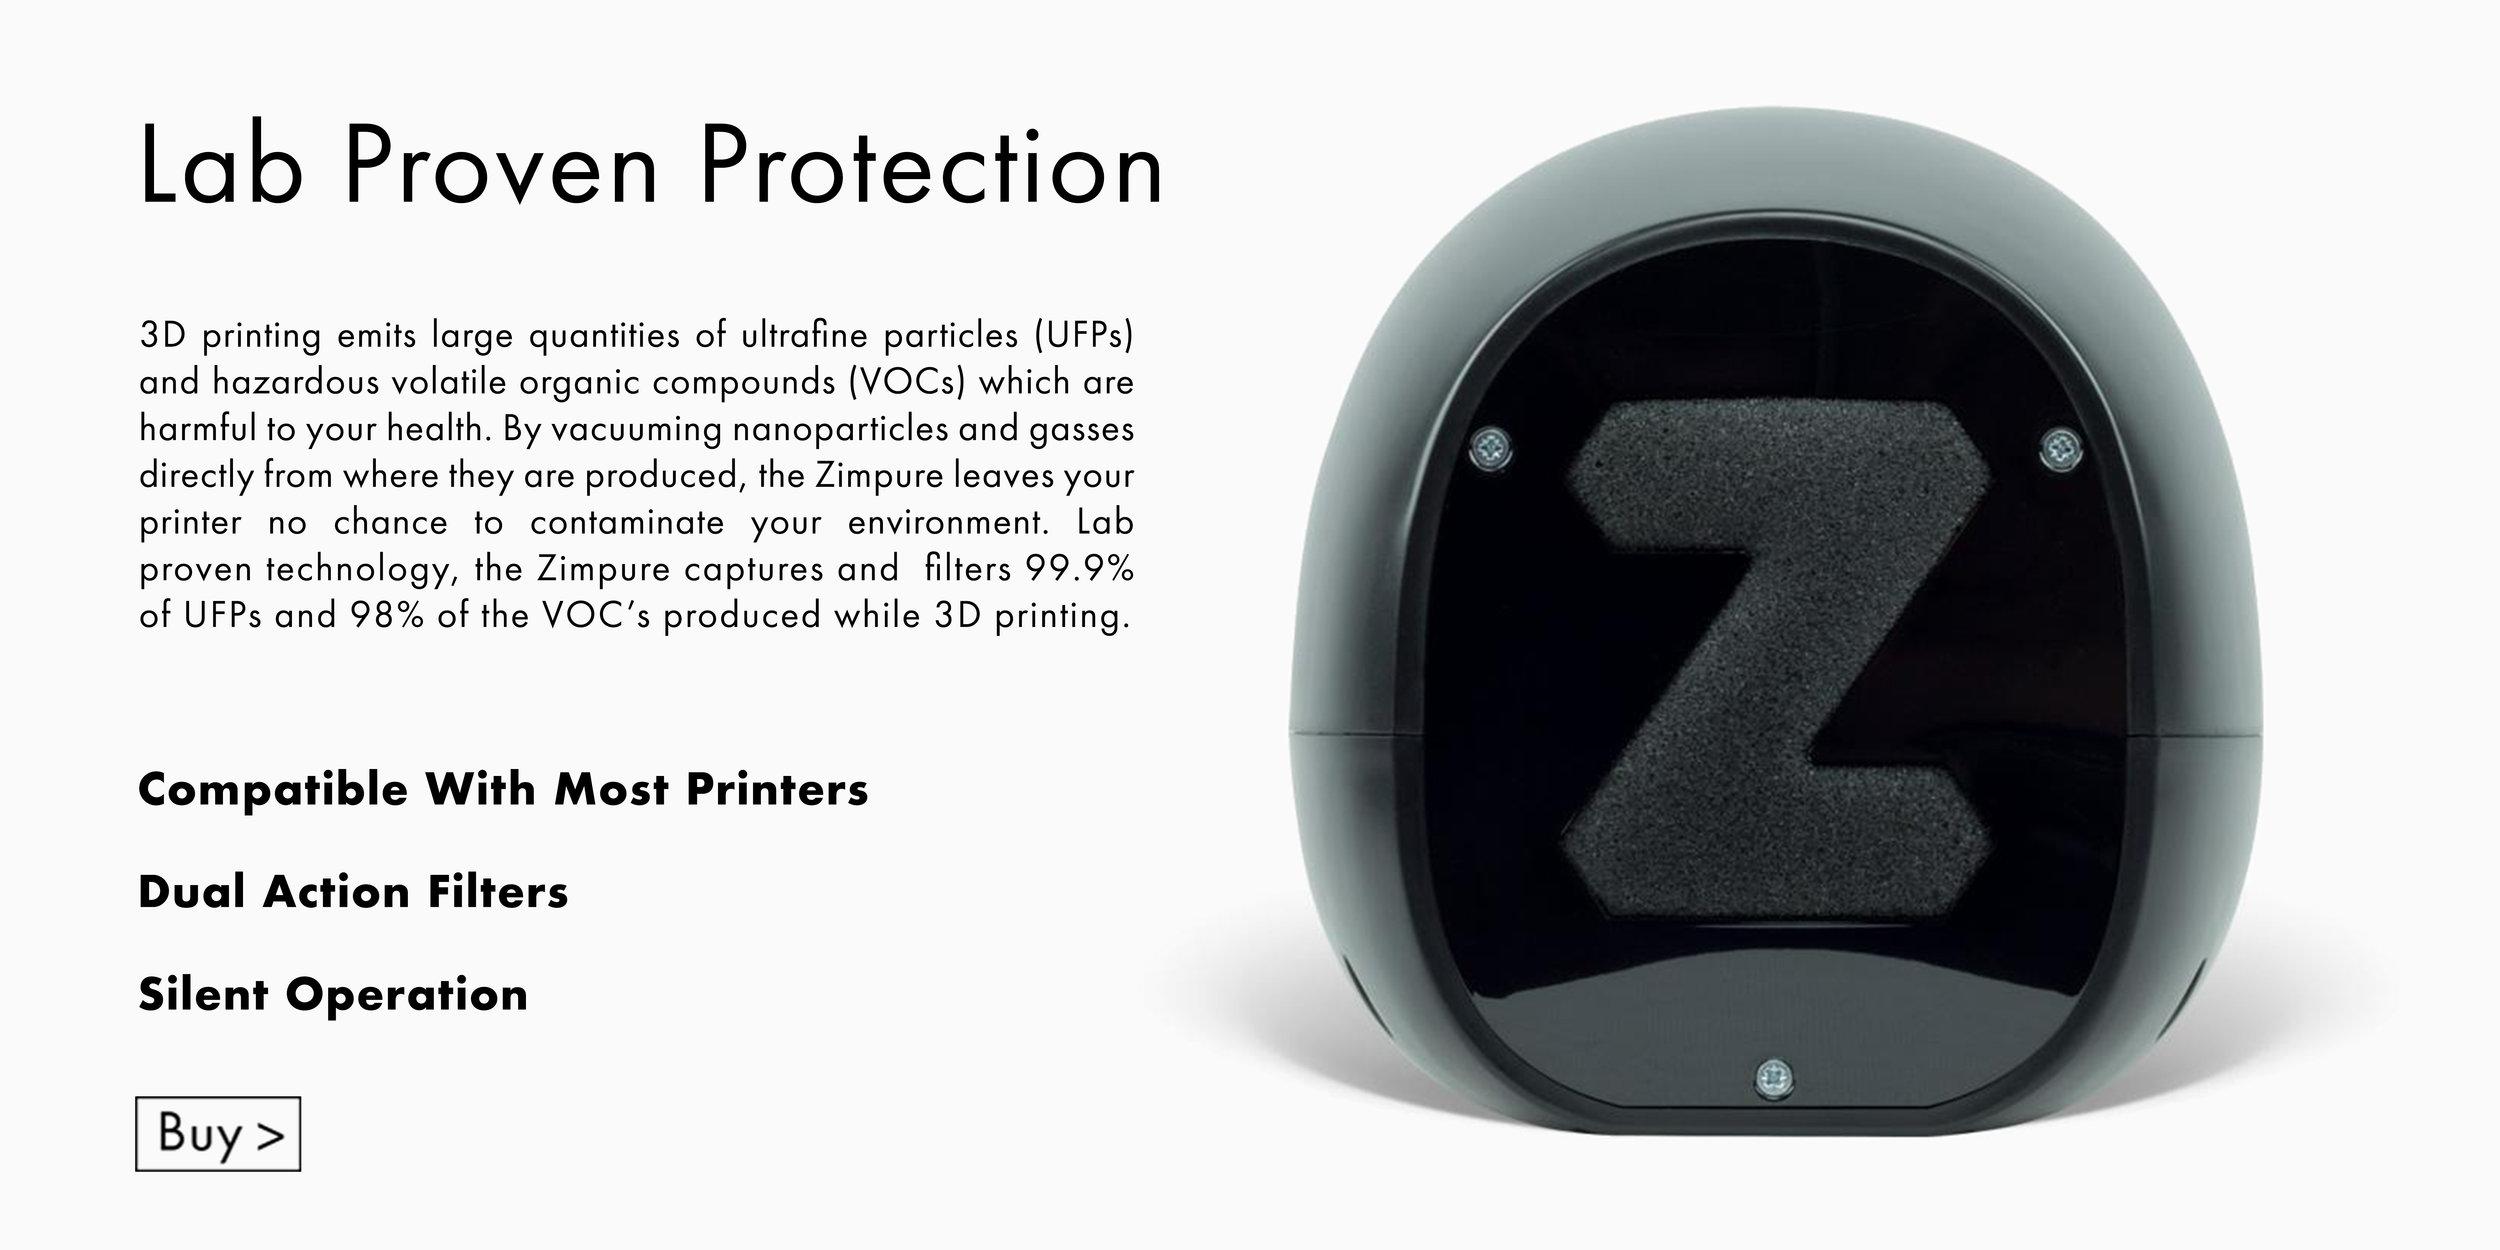 Standard Print Co. - Zimpure 3D Printer Air Purifier.jpg